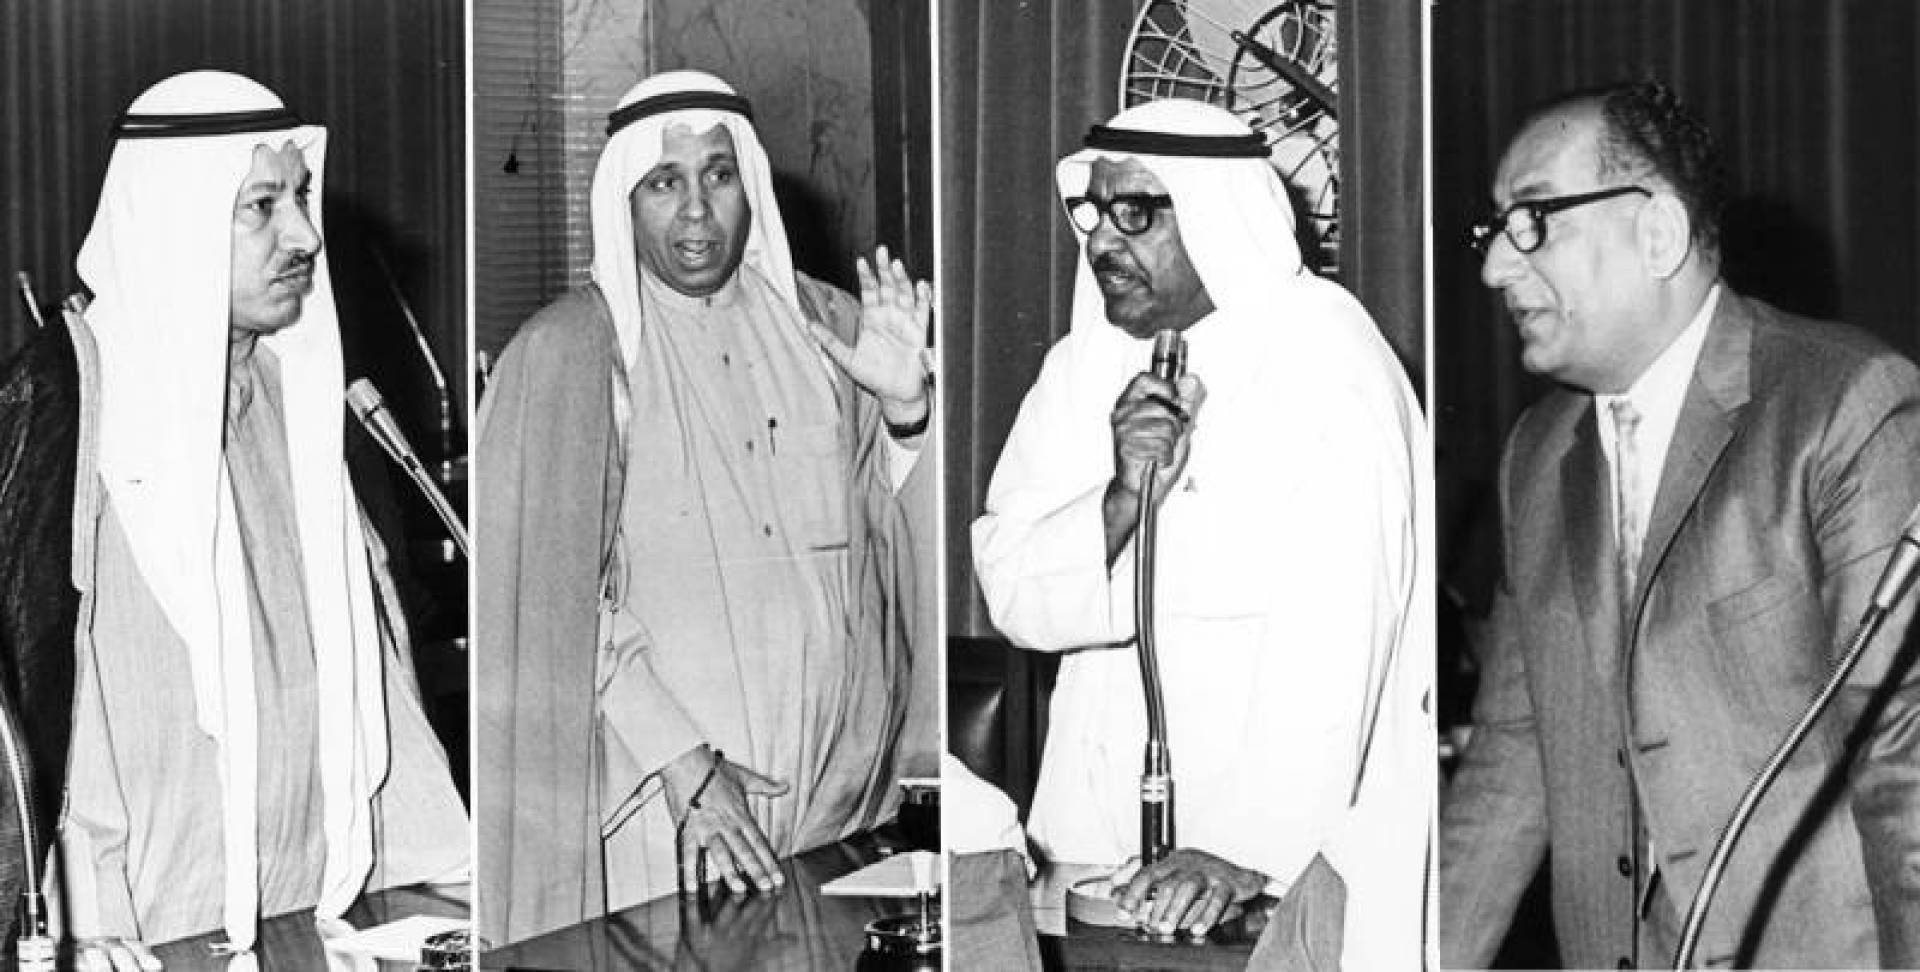 عبدالعزيز حسين ومحمد الرشيد وعبدالعزيز الصرعاوي وراشد الفرحان